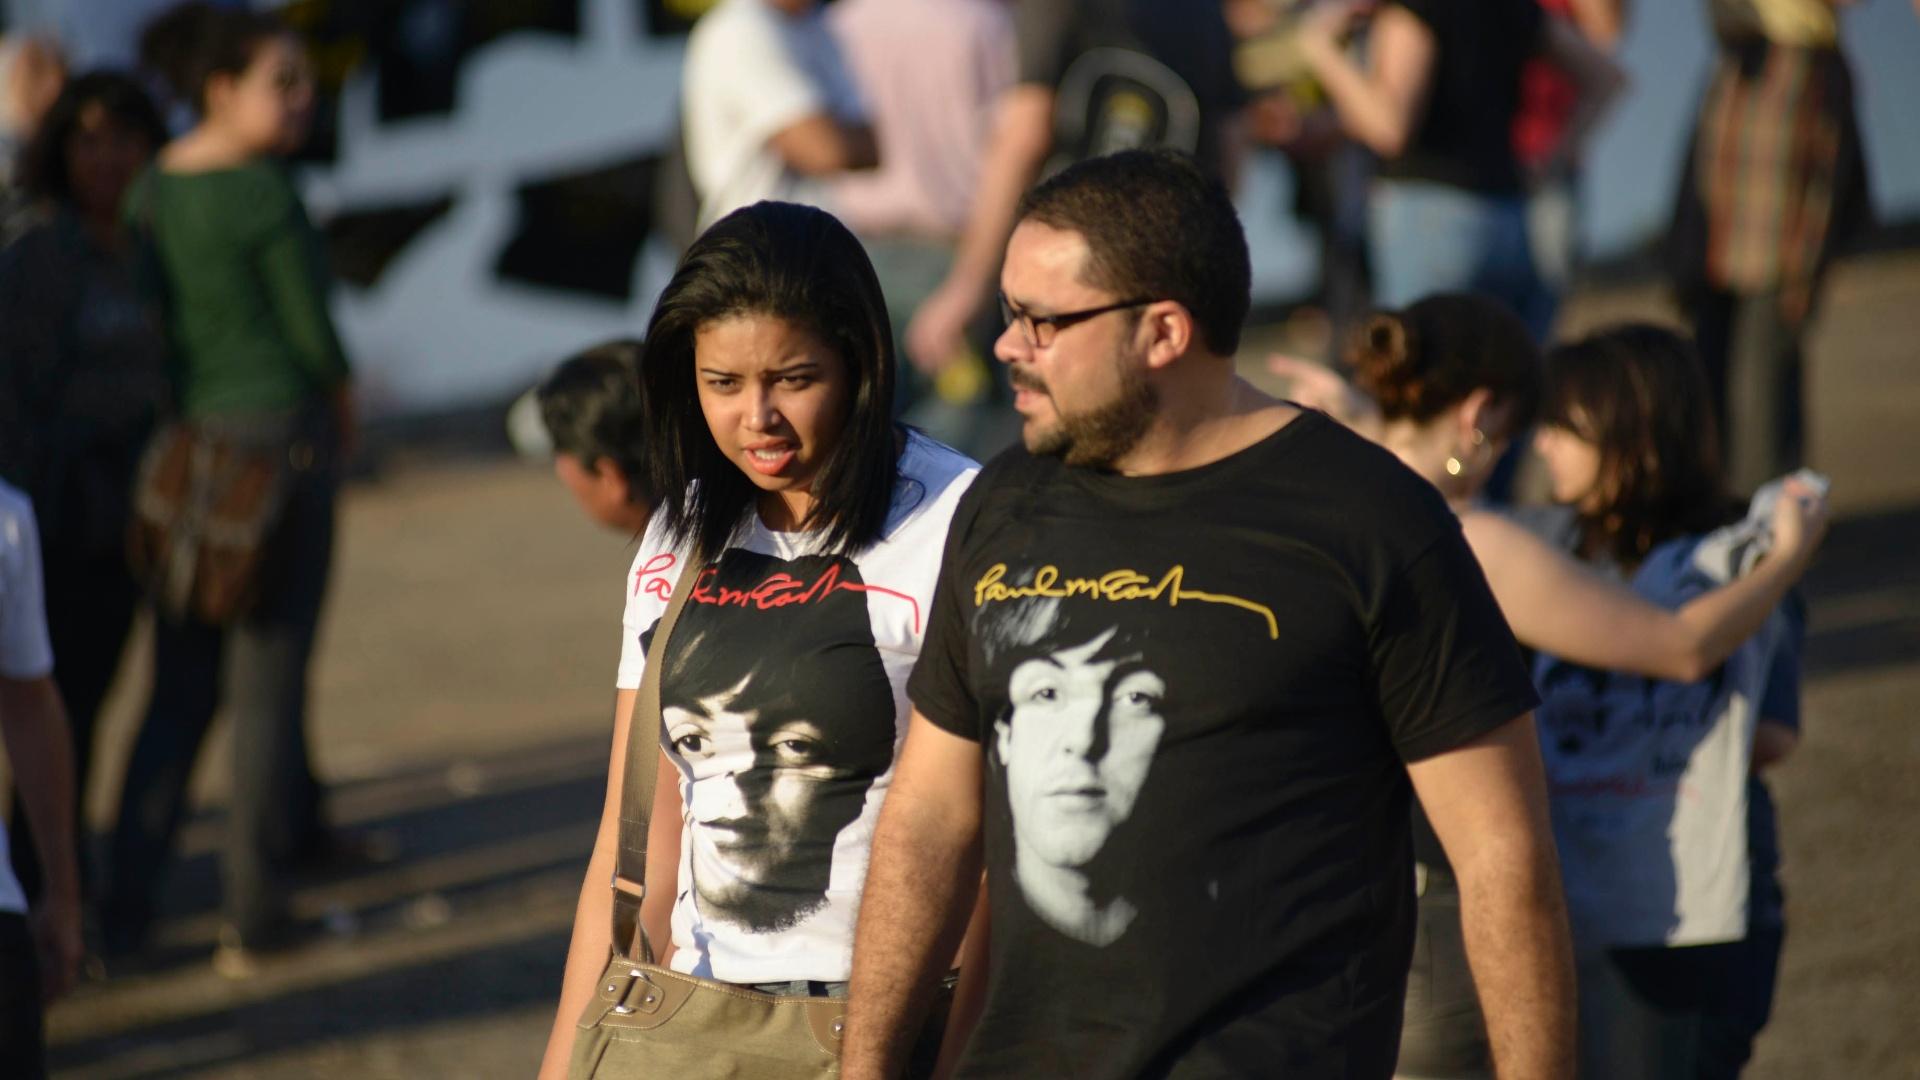 6.mai.2013 - Fãs de Paul McCartney se reúnem antes do show em Goiânia. O ex-beatle vem ao Brasil com a turnê